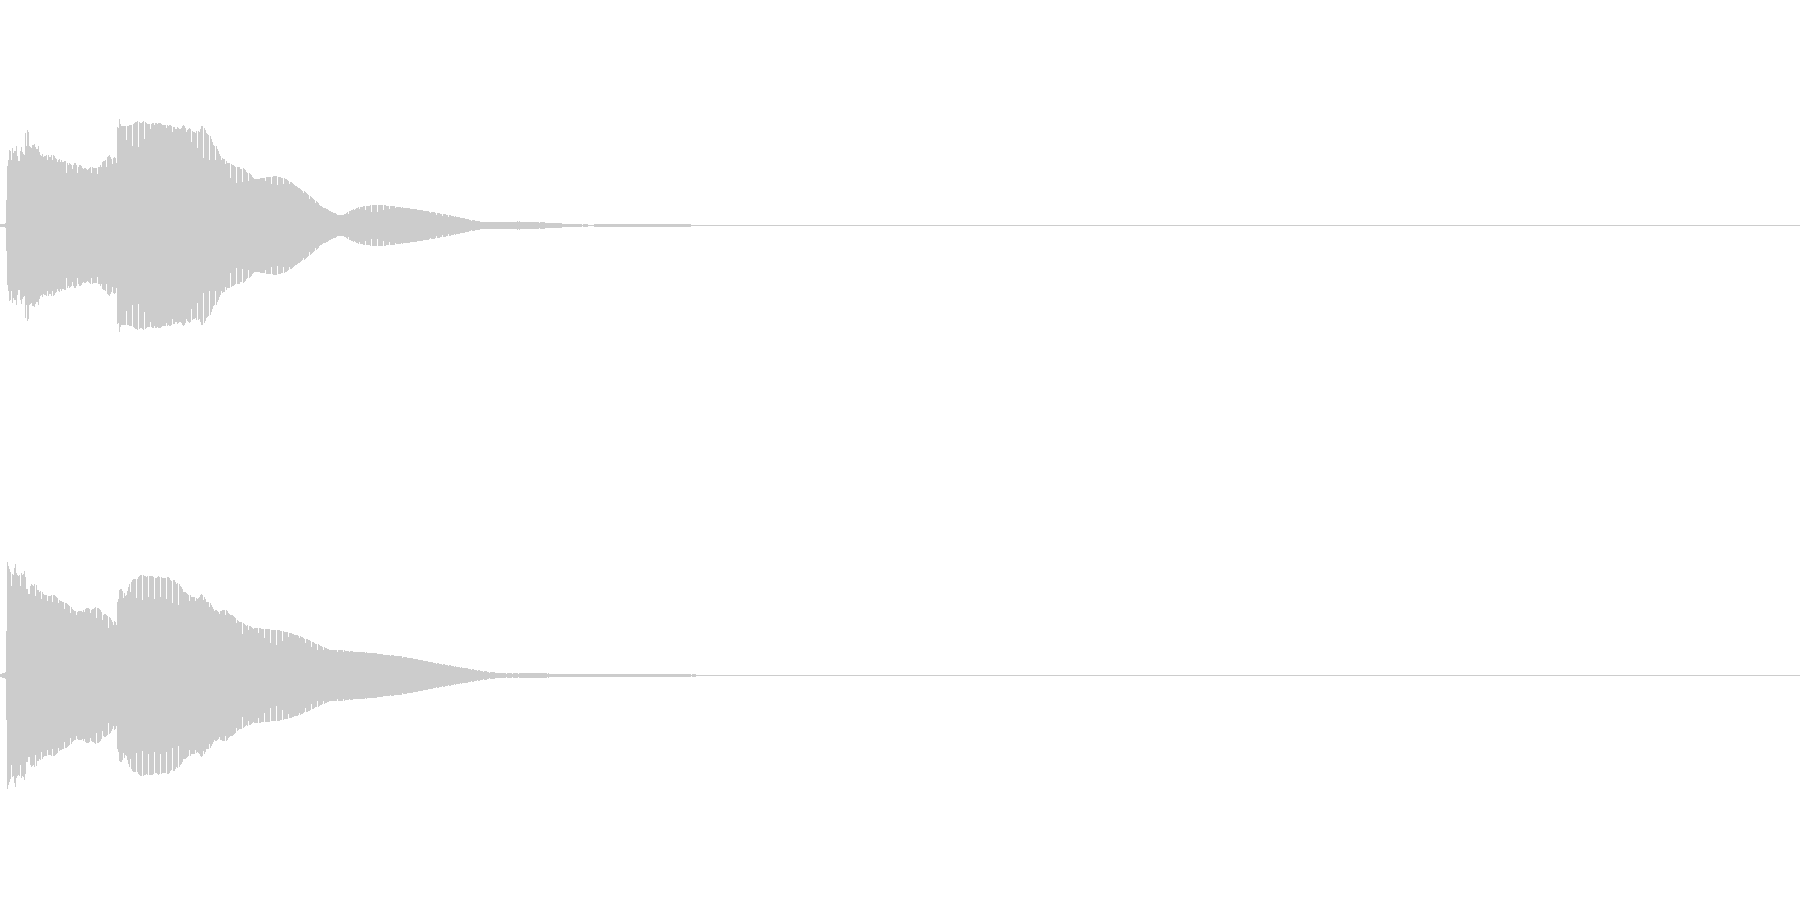 【システム音セット03-ポップアップ】の未再生の波形